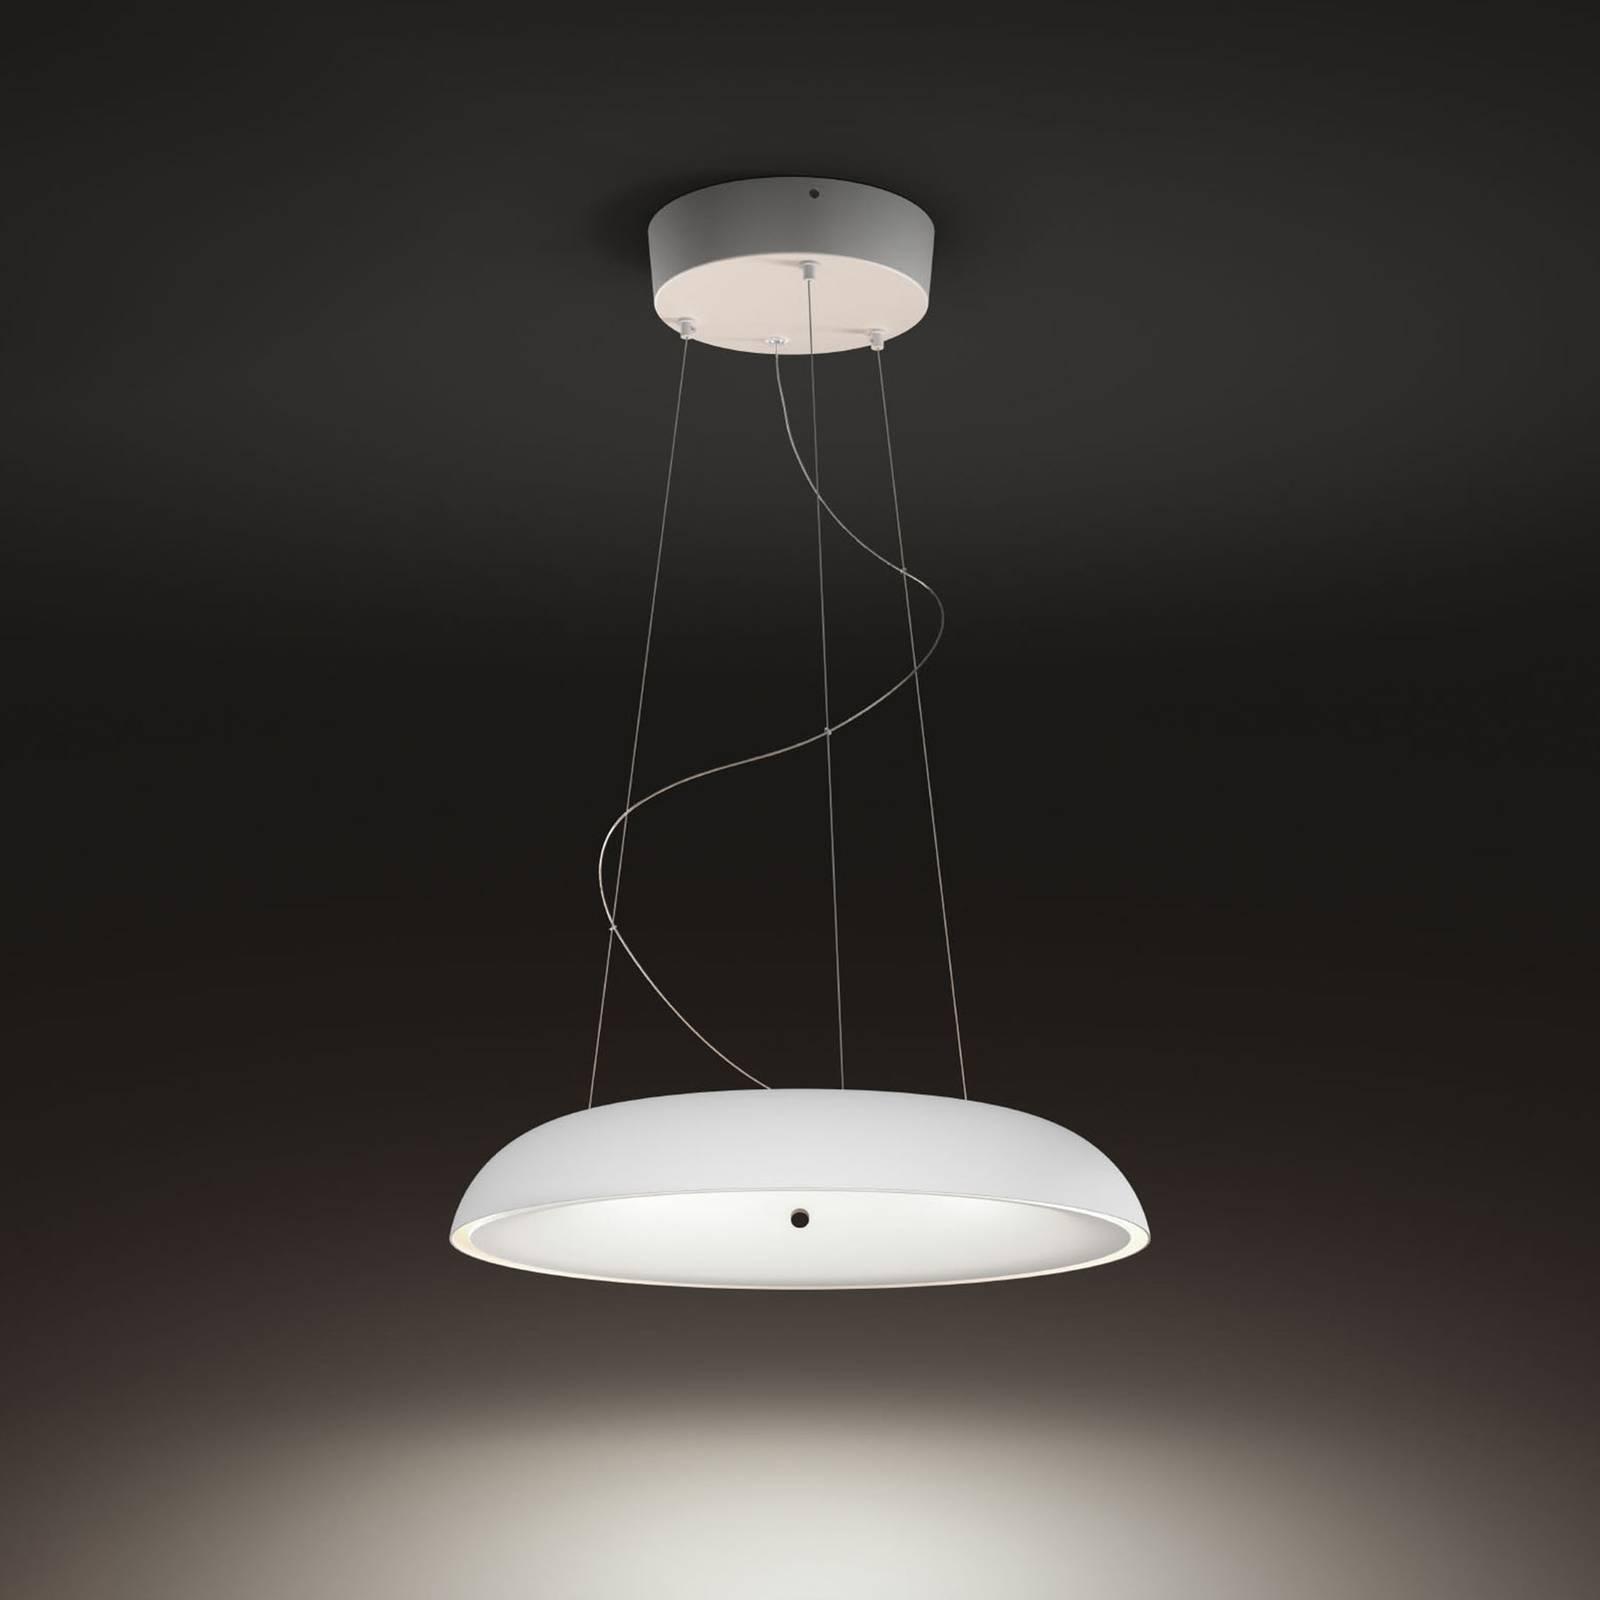 Philips Hue White Ambiance Amaze hanglamp wit